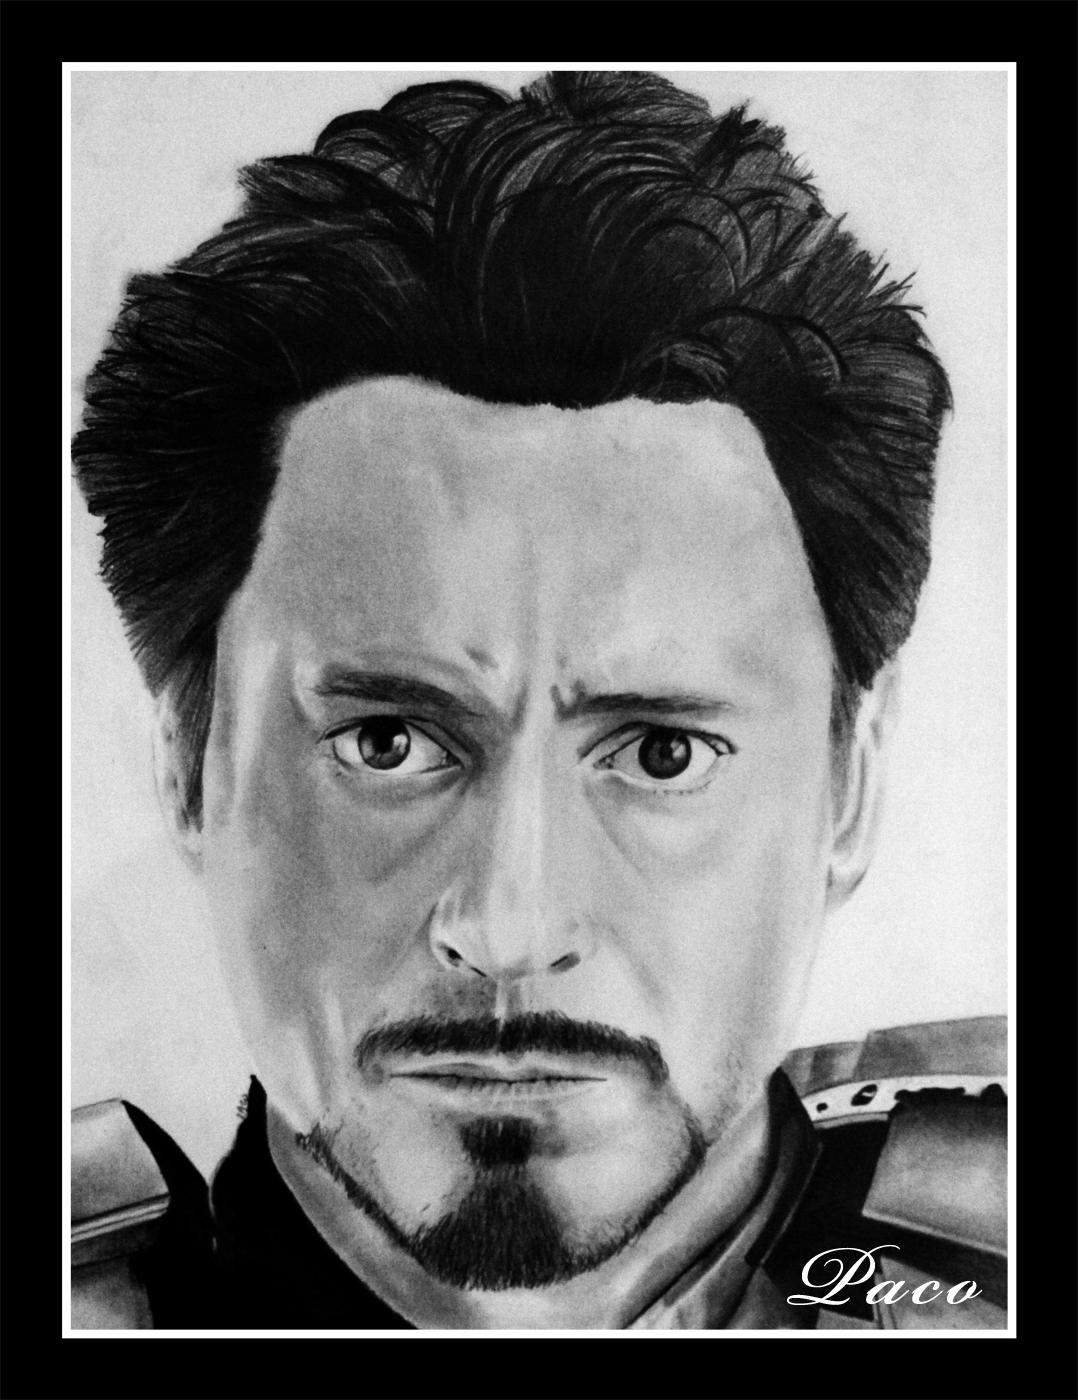 http://2.bp.blogspot.com/-IKhzSIDbII4/T8o5DzxG5BI/AAAAAAAAAxo/ciYu6fkXaVQ/s1600/portrait-de-Robert-Downey-Jr.-par-paco-illustrateur-graphiste-artiste-peintre.jpg